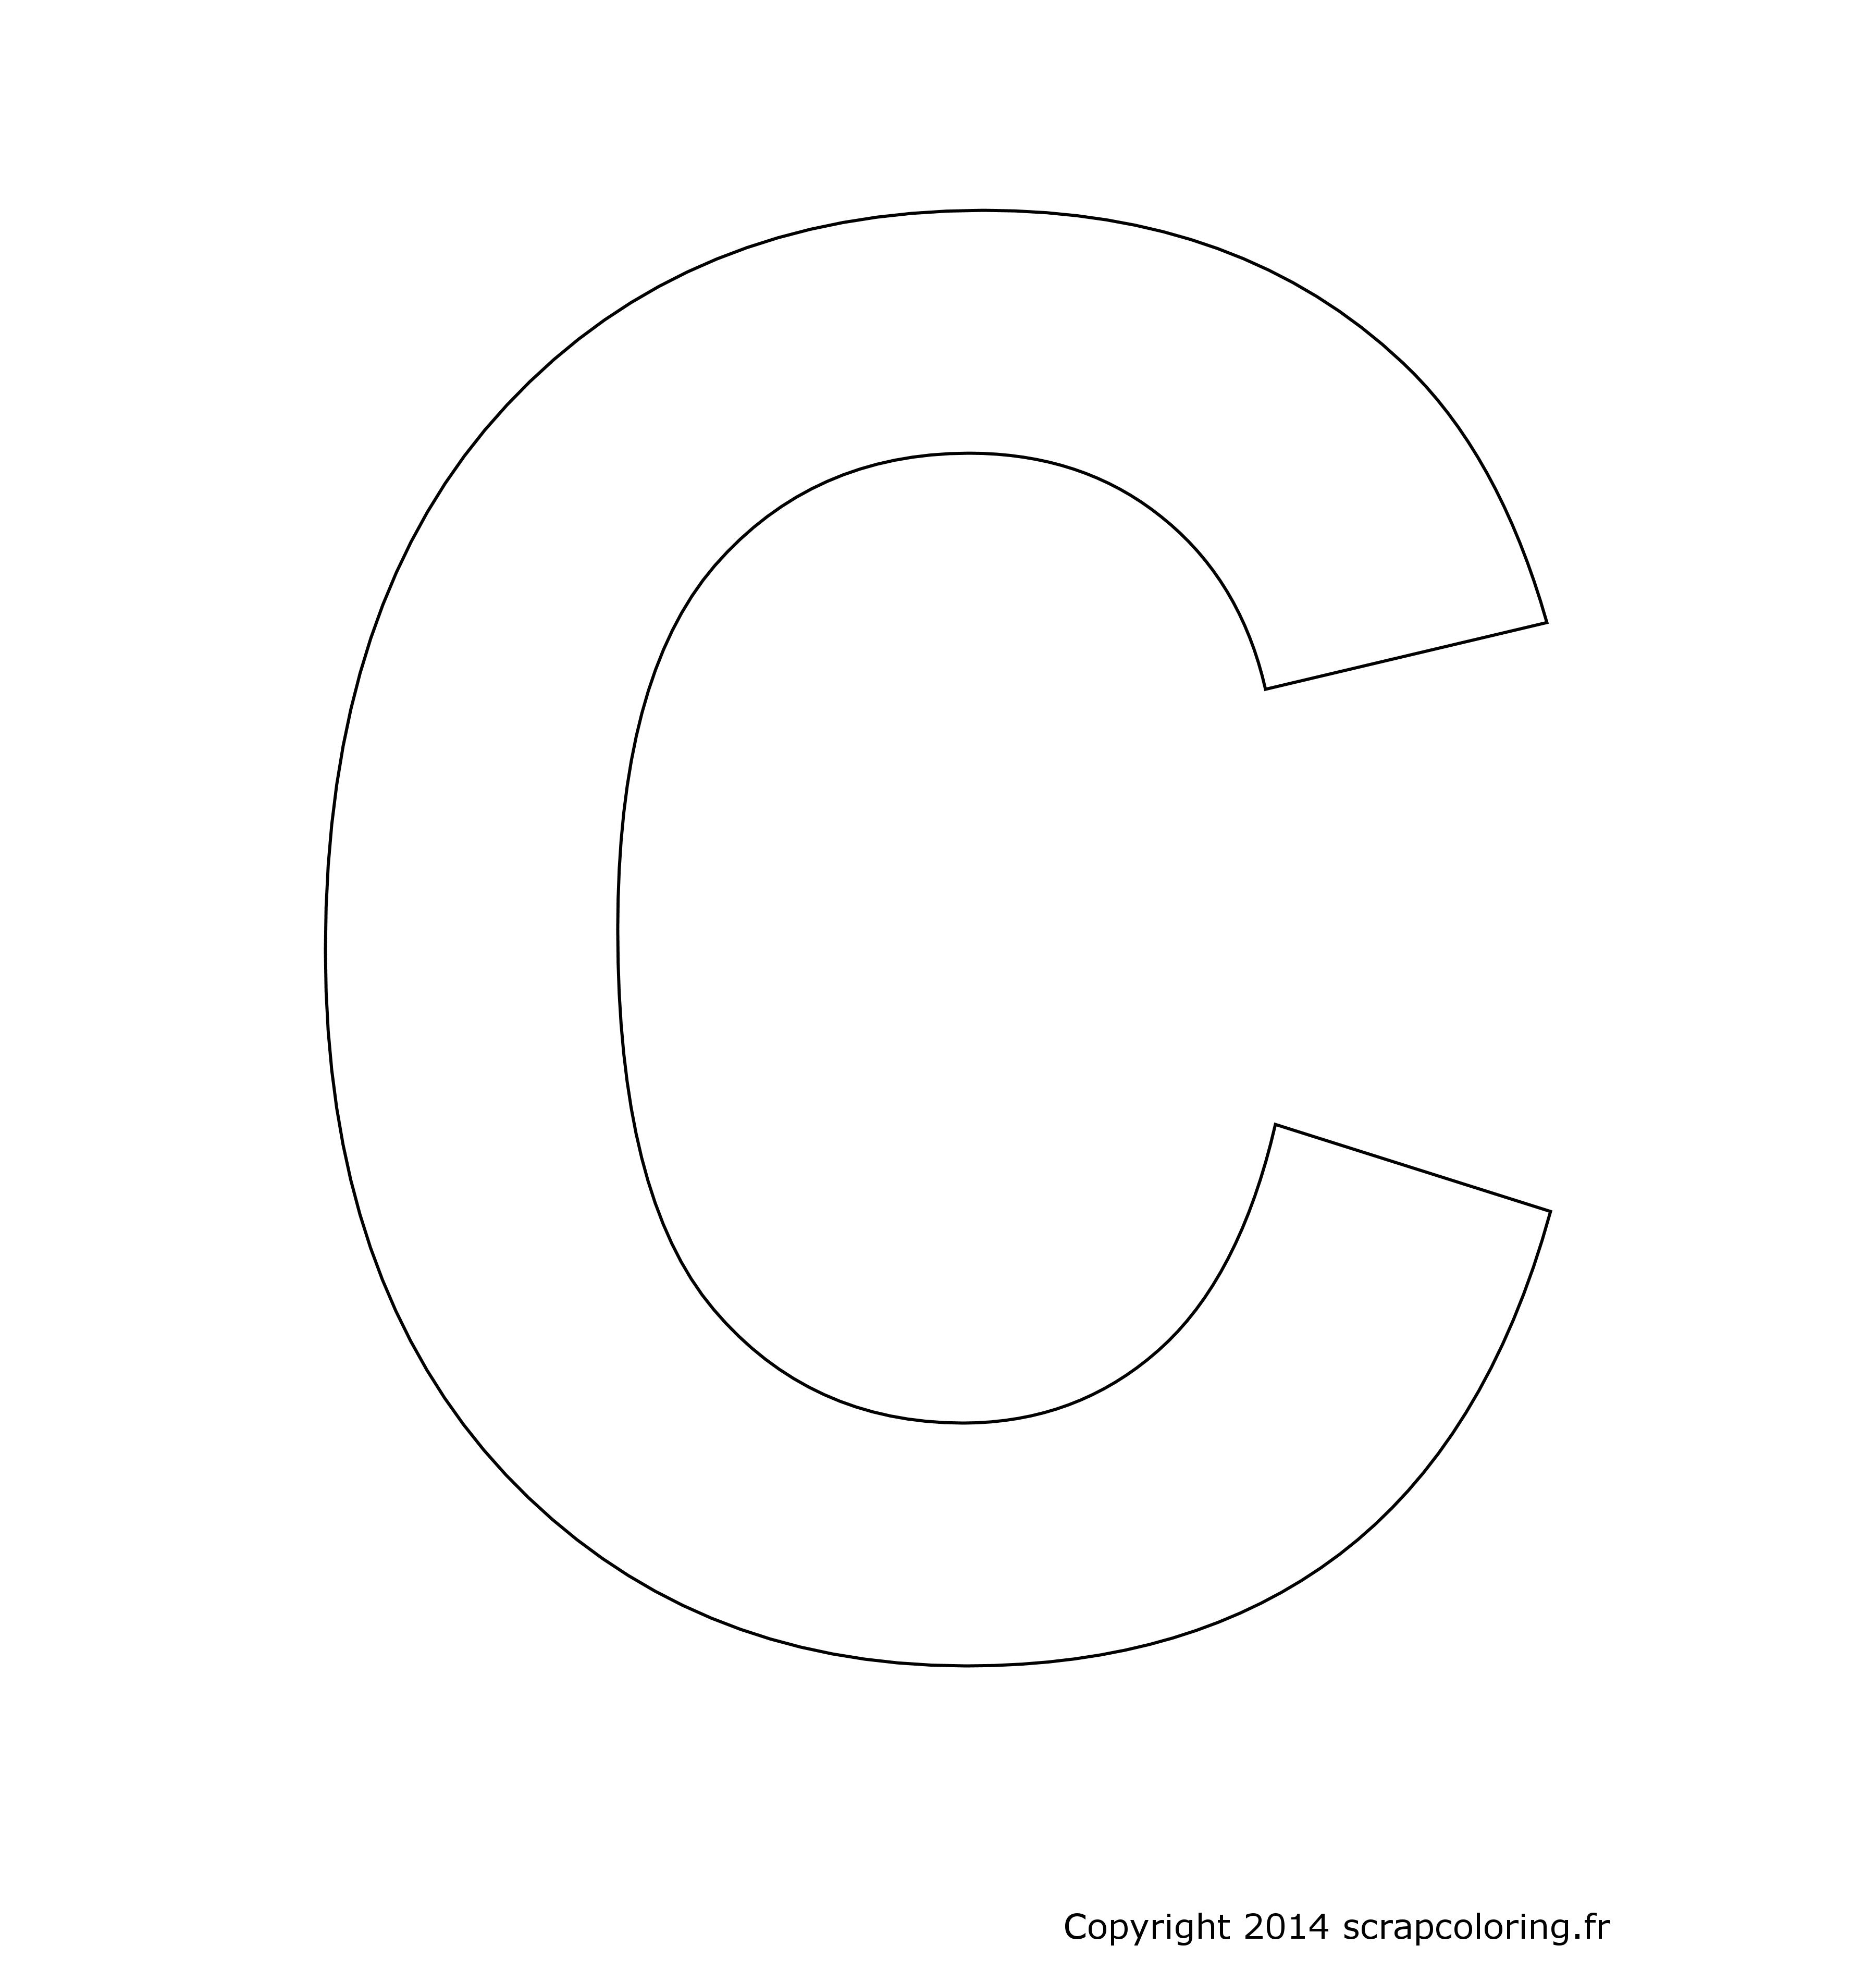 Une grande lettre C  colorier pour par exemple écrire en tr¨s grand son prénom Calogero Calvin Camille Candice Candide Clémence Clément Cloé